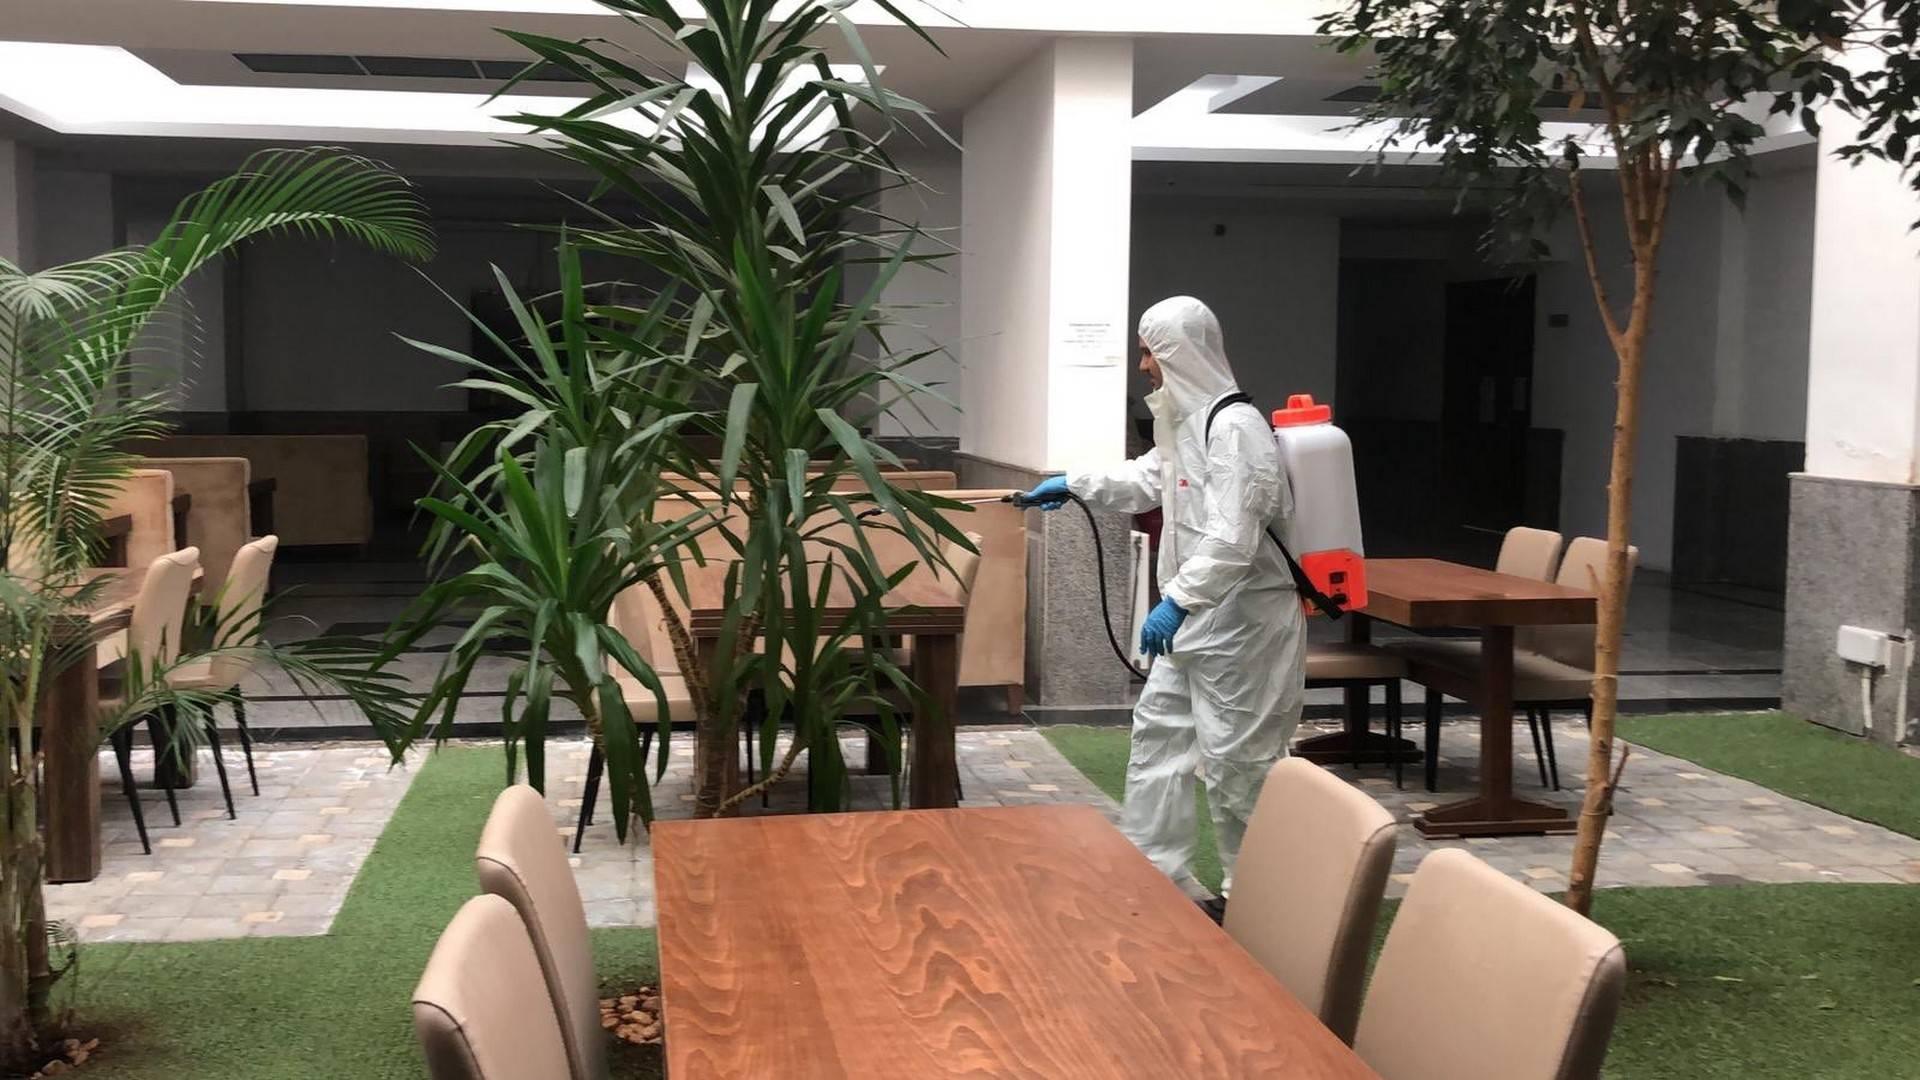 В мире начали смягчать карантинные меры после эпидемии коронавируса